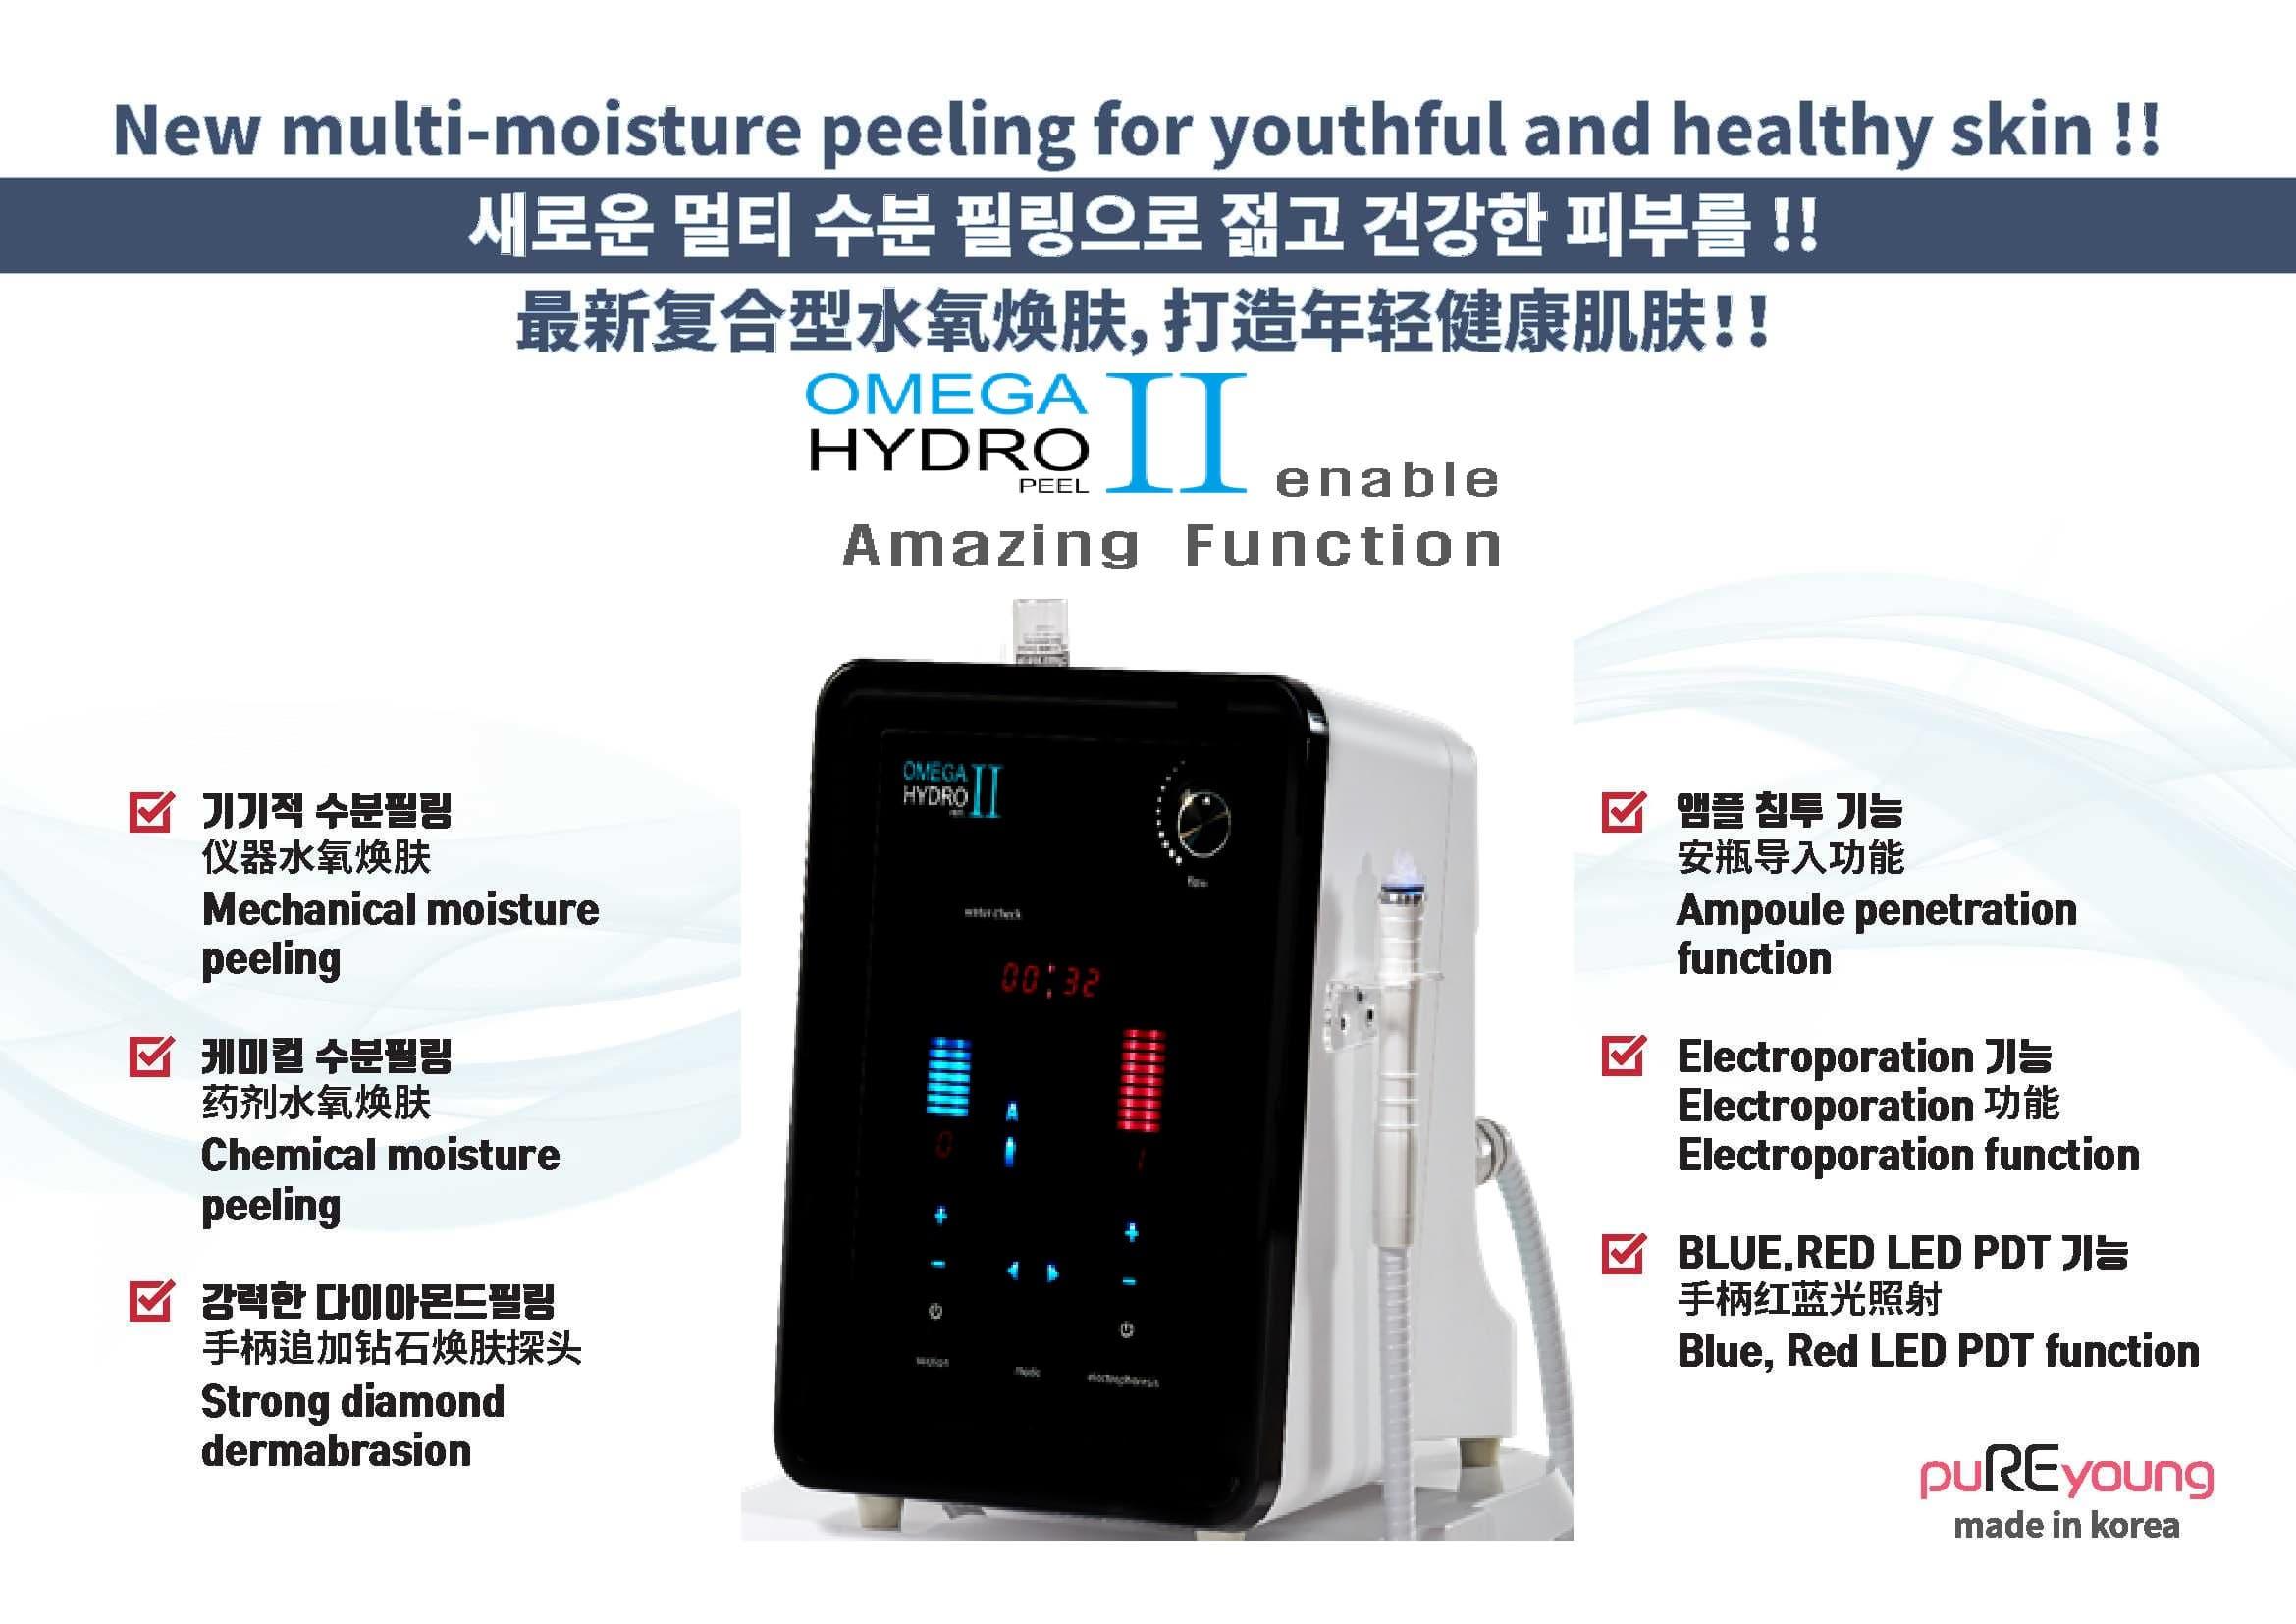 omega hydro peel 2 aesthetic skin care device